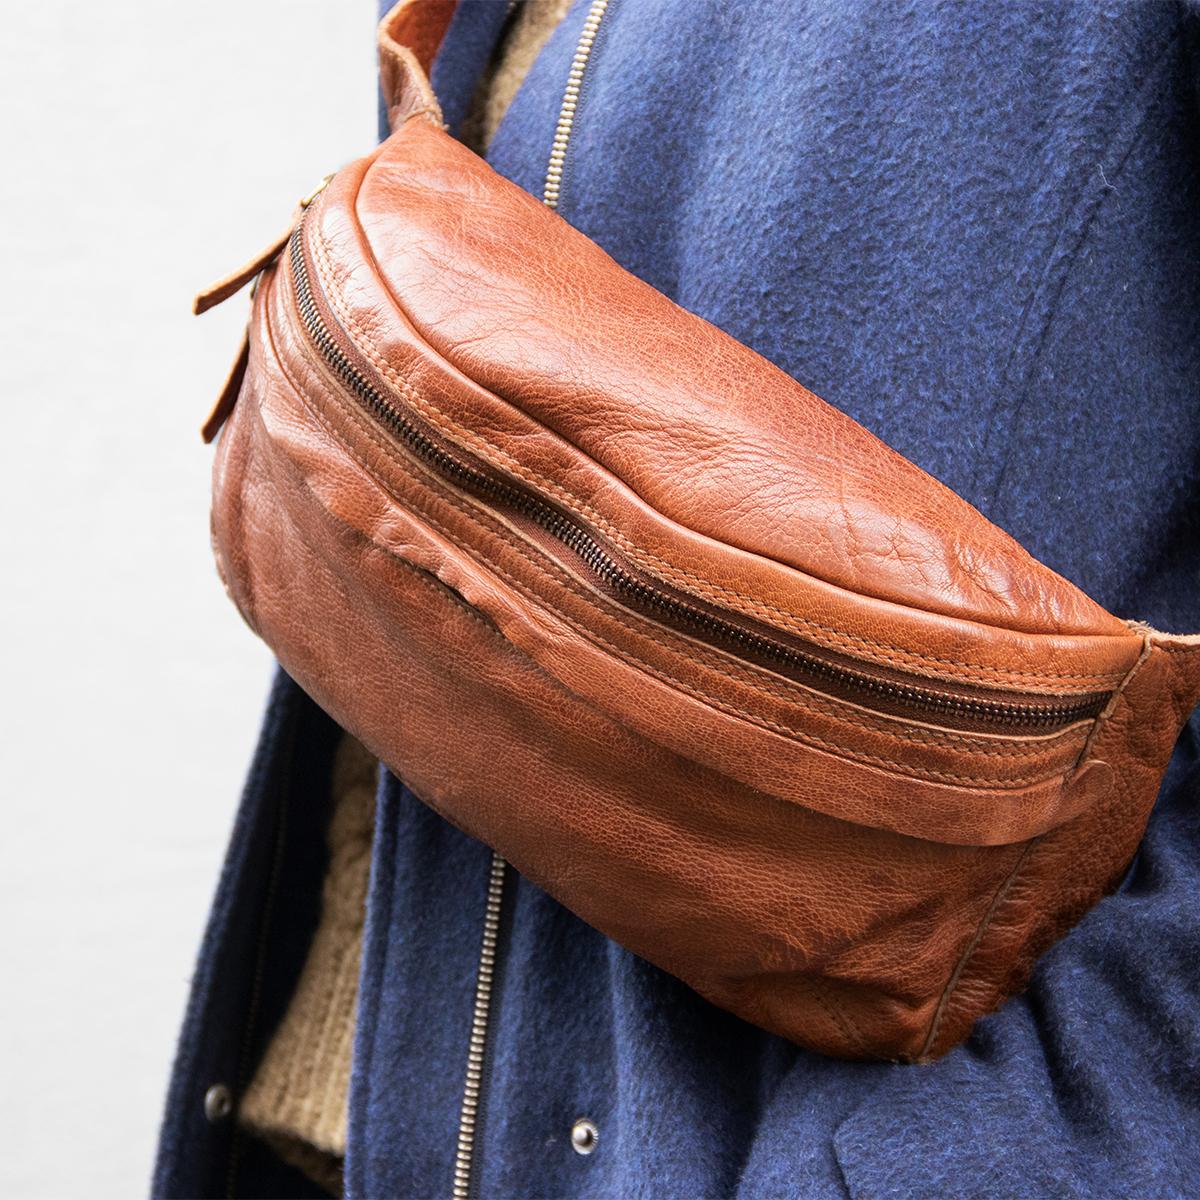 Bæltetaske skuldertaske i ægte læder Flot og praktisk bumbag mavetaske hverdagstaske i stilrent dansk design fra Birkmond taskebutik Aarhus lædervarer lædertaske